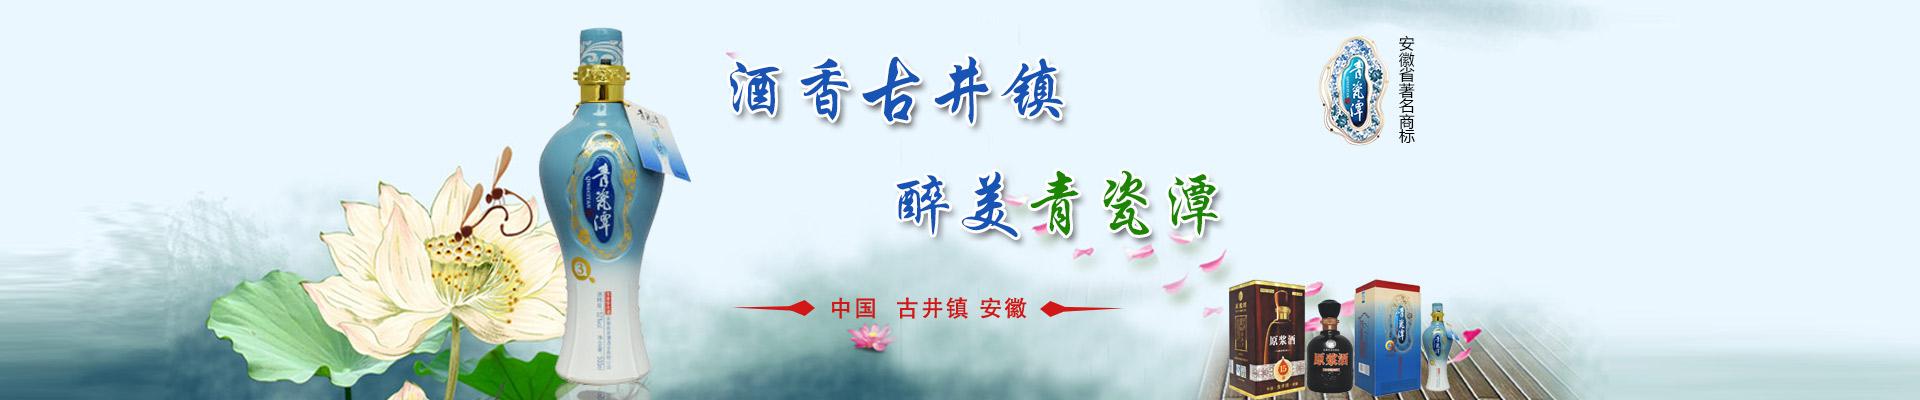 安徽青瓷潭酒业有限公司